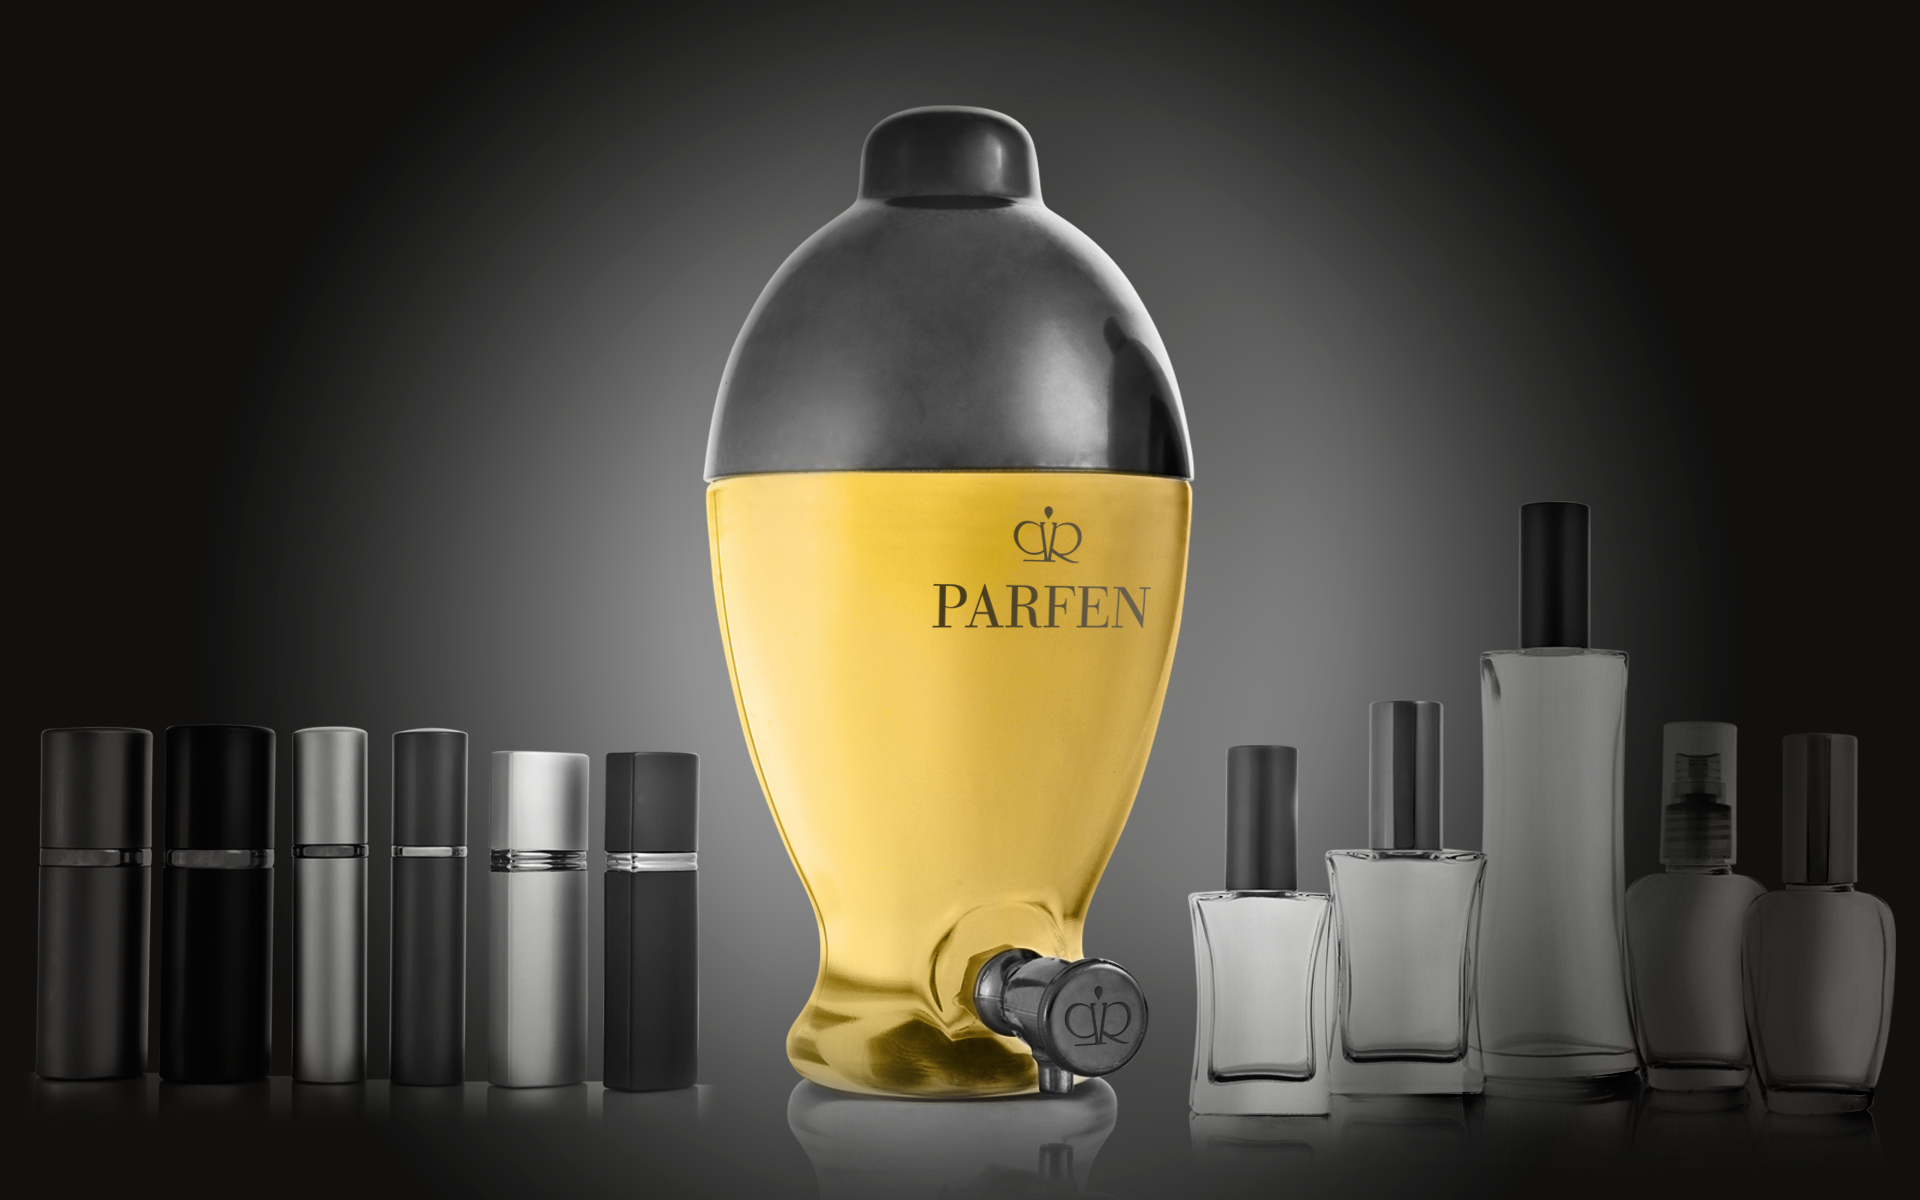 Parfen 83